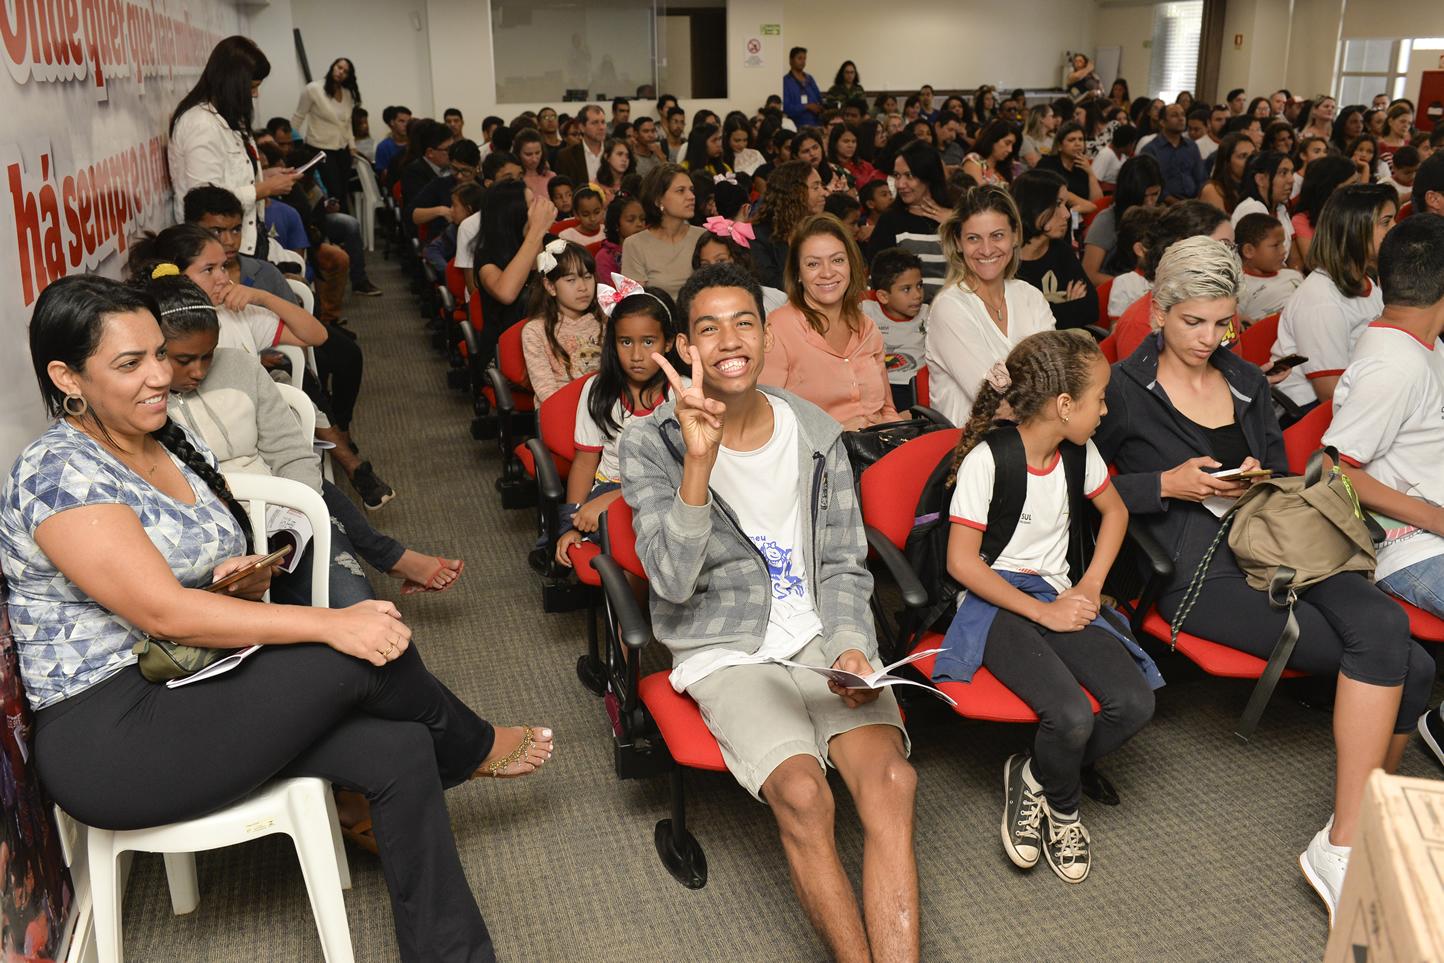 2019.05.16_PREMIACAO-DO-X-CONCURSO-DE-REDACAO_fotos-Deva-Garcia-11